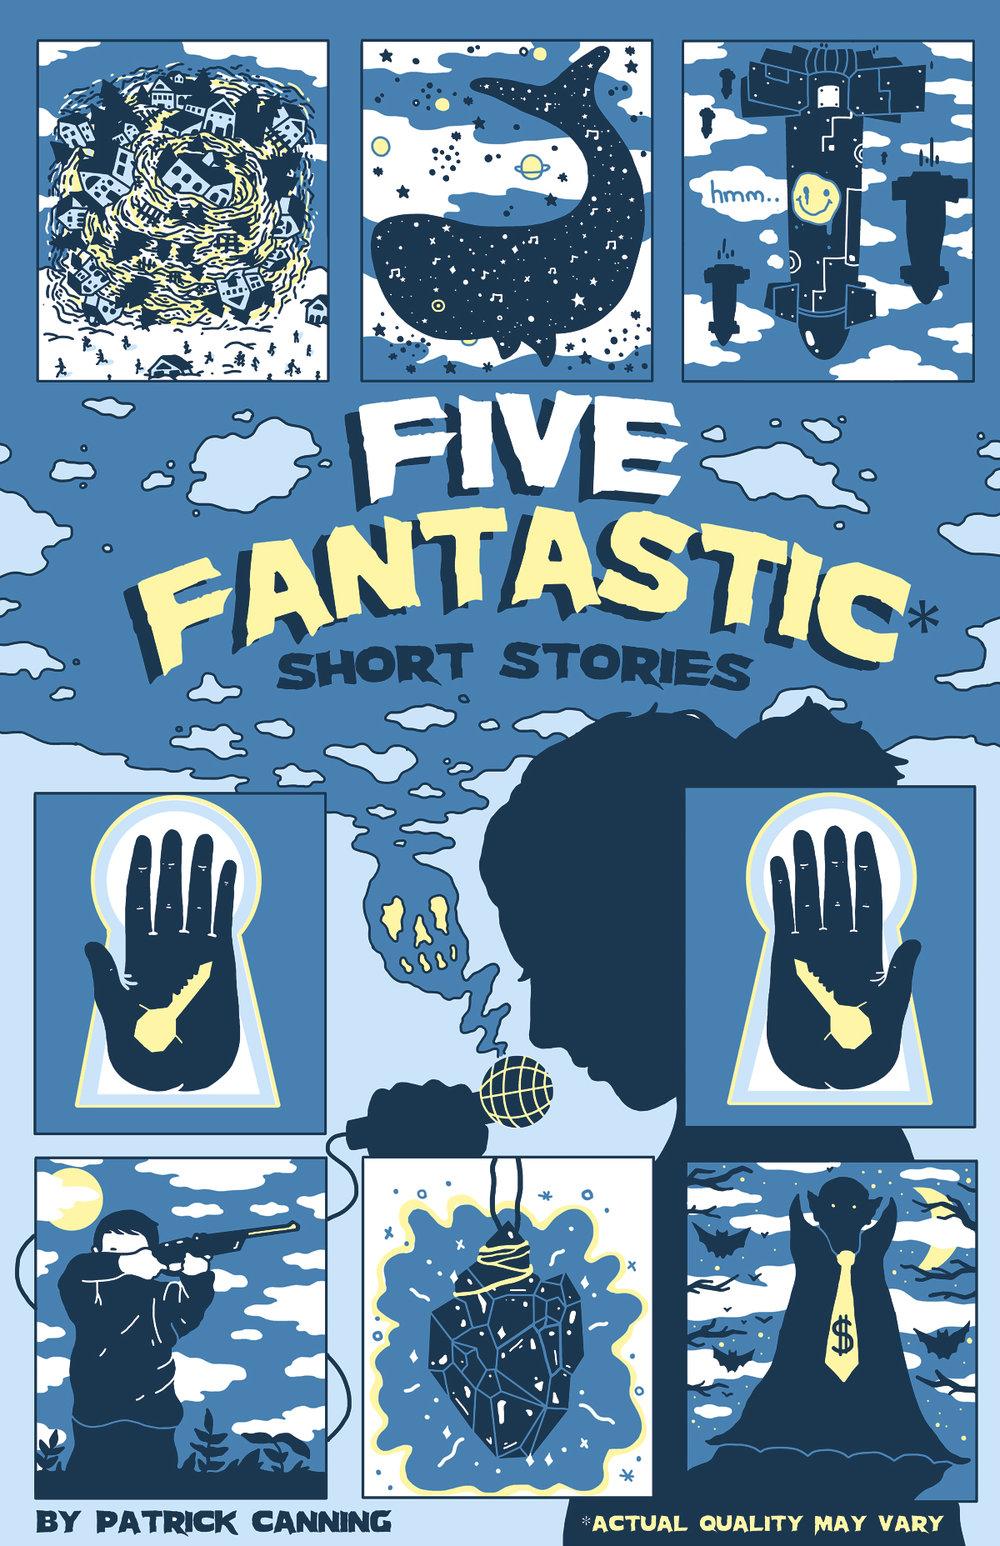 fivefantasticalillustration2.jpg